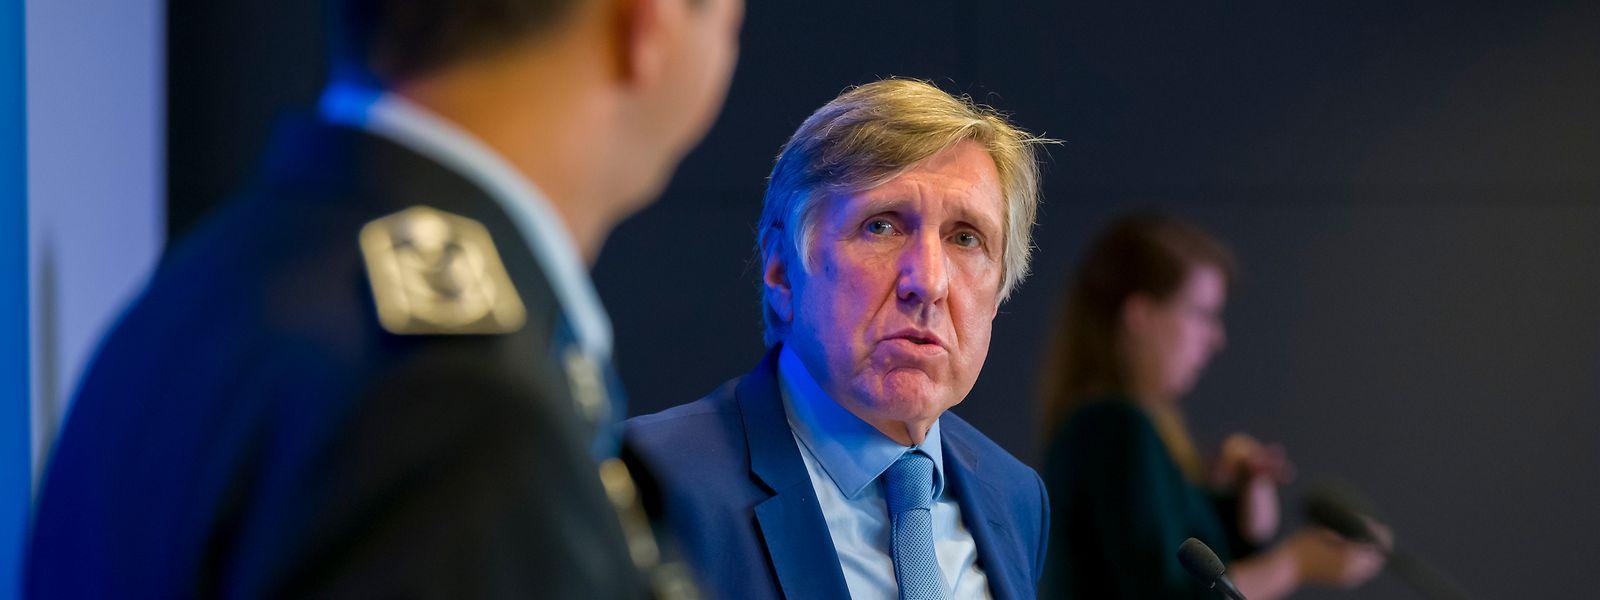 Le ministre François Bausch (Déi Gréng) avait invité les citoyens se sentant victimes d'abus à se plaindre. Maintenant, l'IGP enquête...